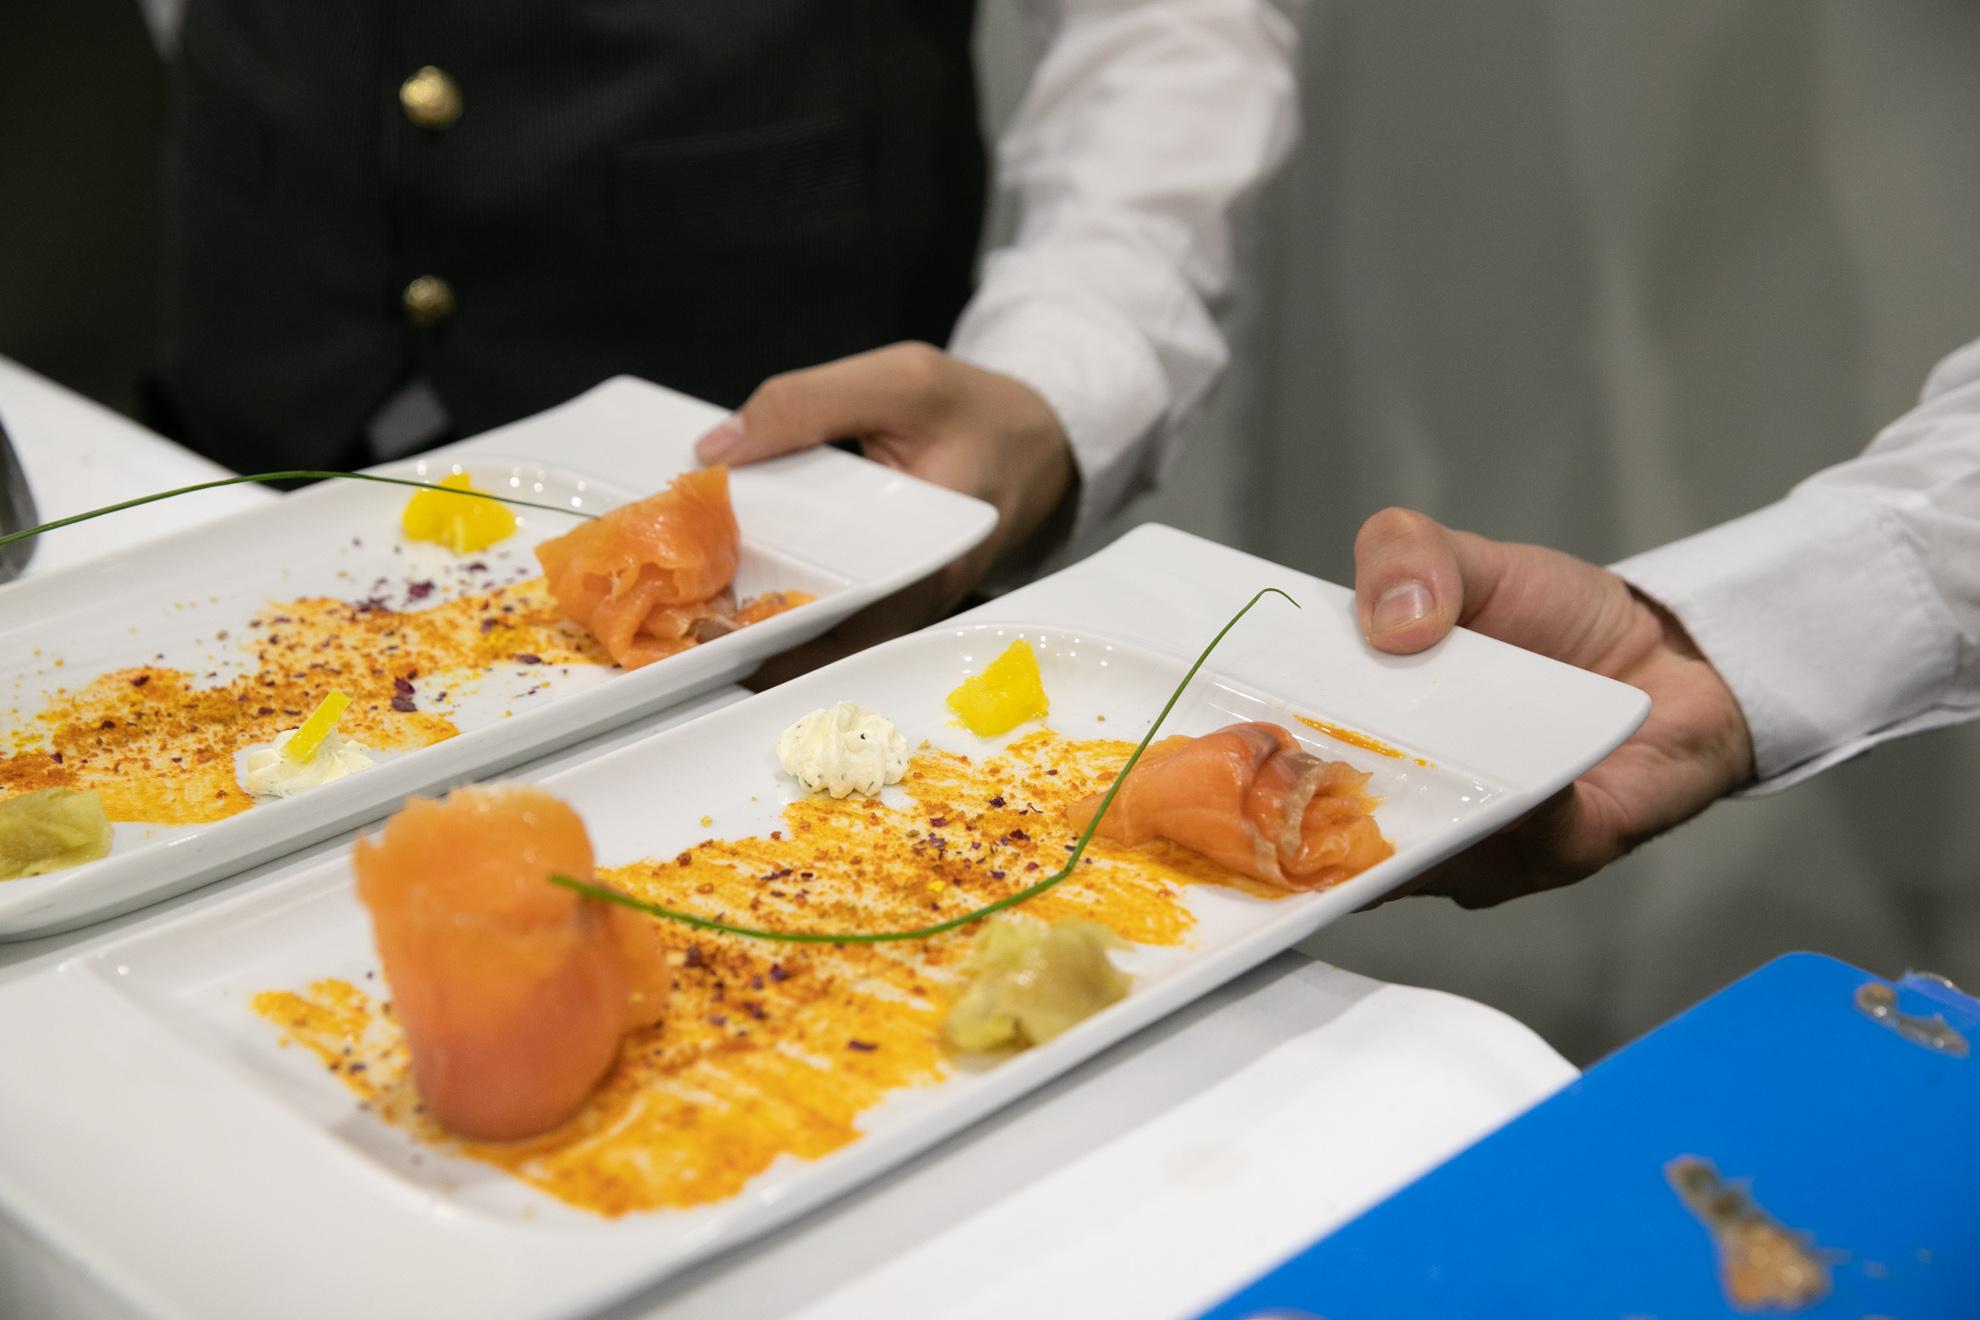 Il manifesto dell'Ospitalità e della Tavola, l'atto di rinascita del settore eno-gastronomico italiano